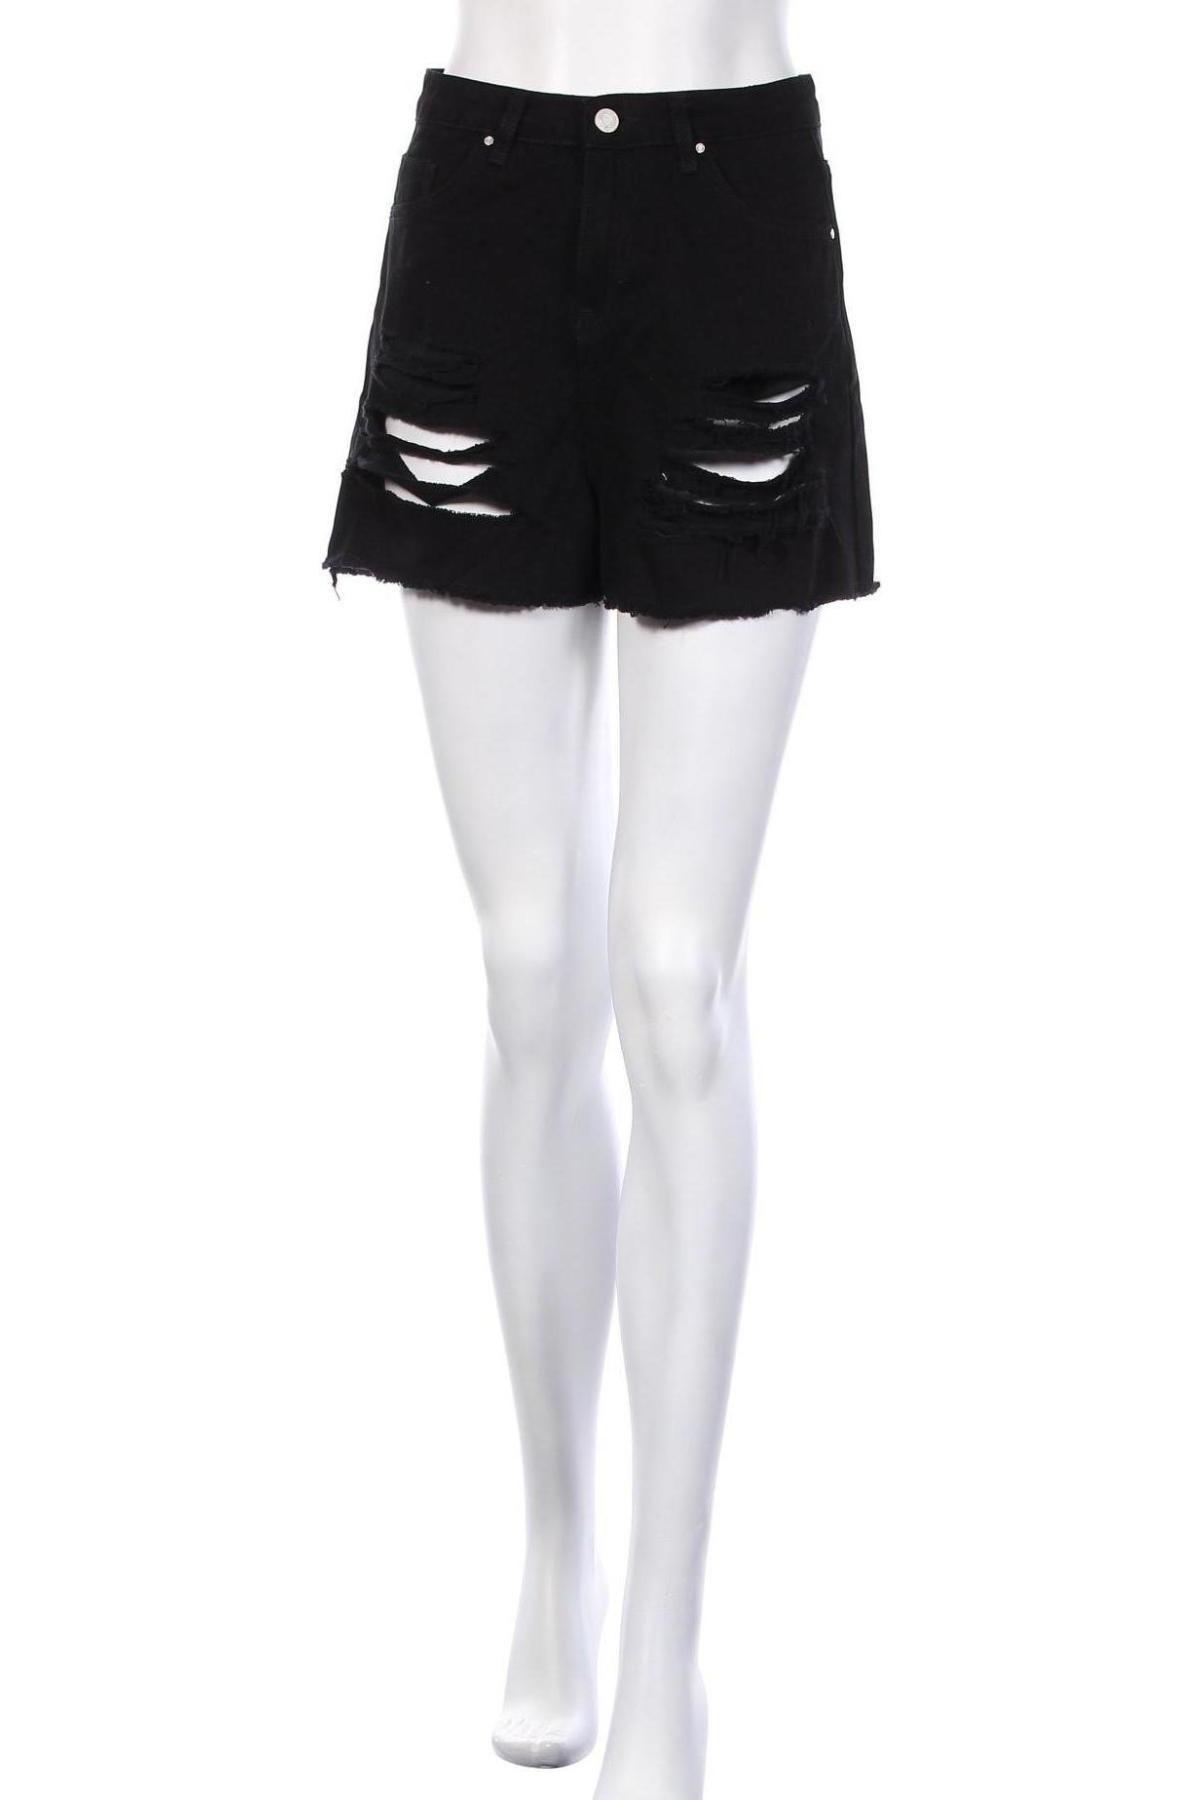 Γυναικείο κοντό παντελόνι Missguided, Μέγεθος S, Χρώμα Μαύρο, Βαμβάκι, Τιμή 15,41€